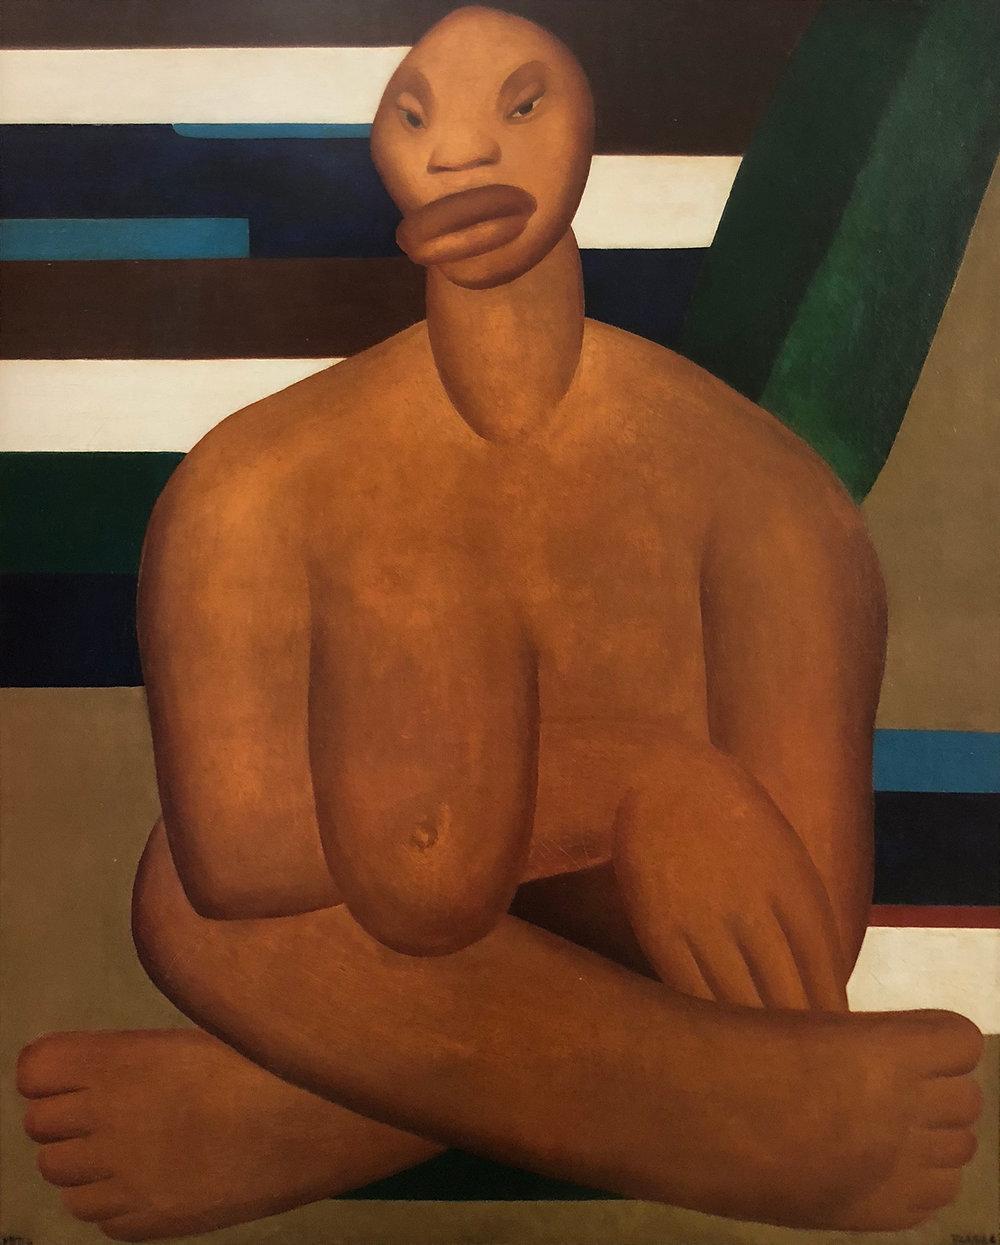 10.  A Negra , c. 1923, Tarsila do Amaral, Museu de Arte Contemporânea da Universidade de São Paulo.  Tarsila do Amaral: Inventing Modern Art in Brazil , MoMA, 2018, New York.